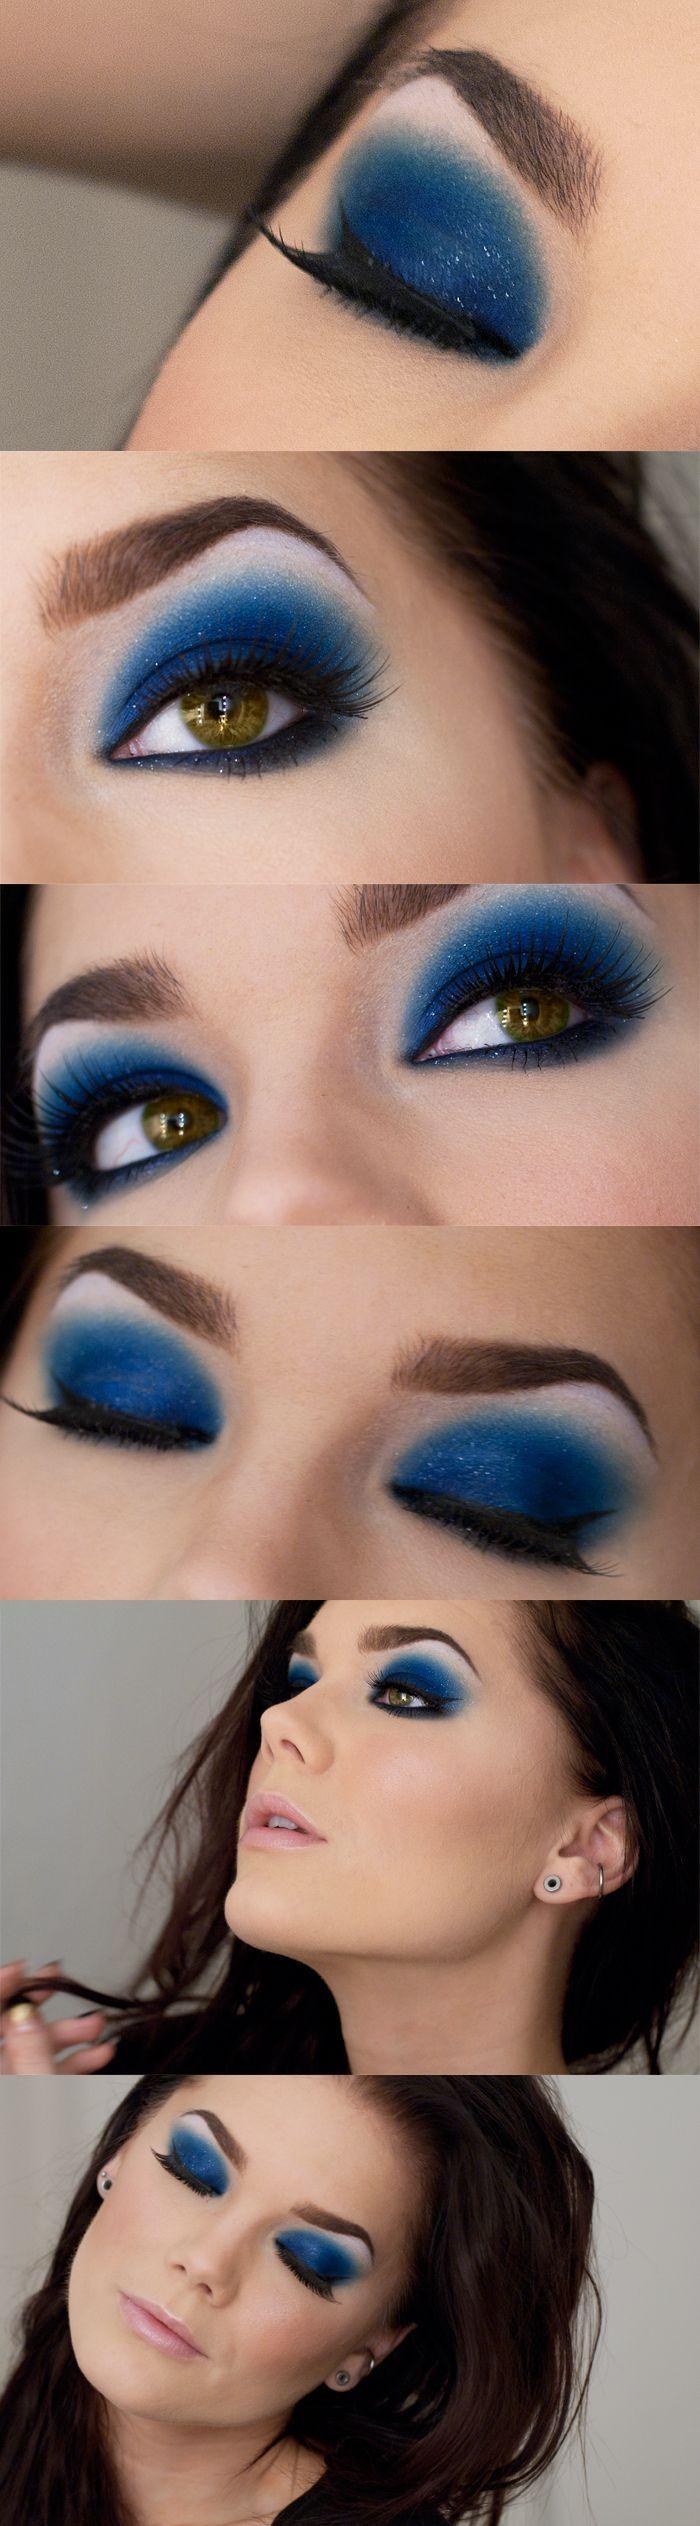 ¿Qué tal esta idea en tonos azul? Visita nuestra categoría de #Makeup y encuentra muchos trucos que te sacarán de apuros...http://www.1001consejos.com/belleza/maquillaje/